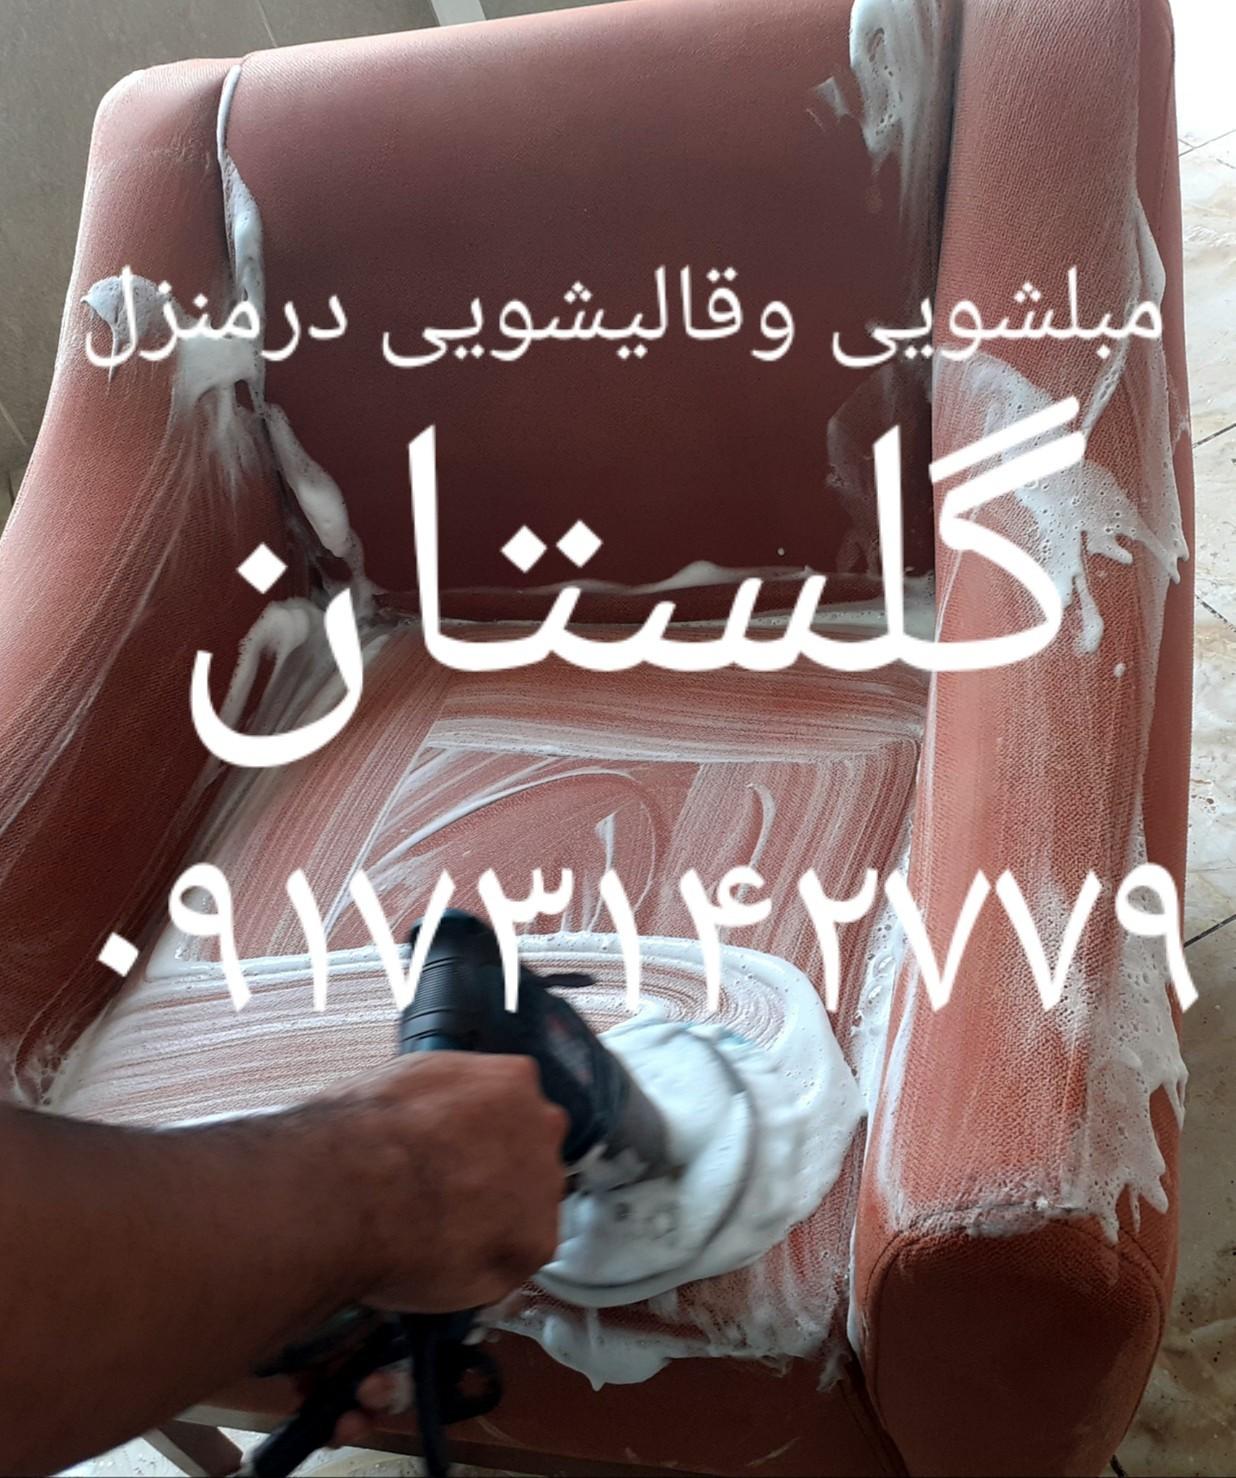 مبلشویی قالیشویی مبل شویی گلستان